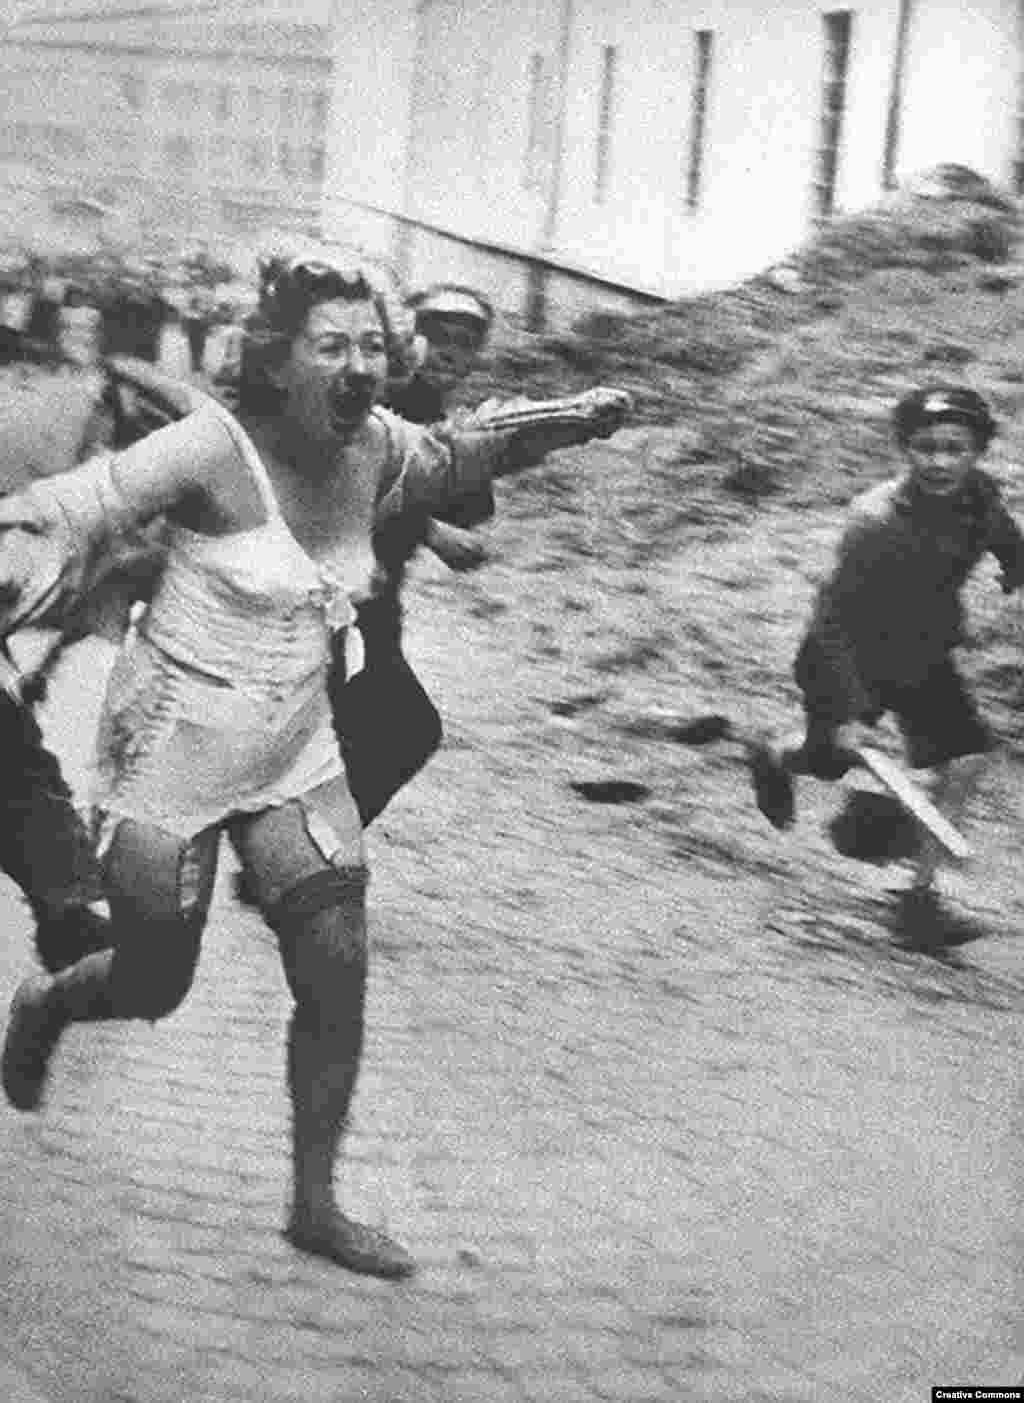 Cu sprijinul activ al naziștilor a început teroarea împotriva evreilor ucraineni. Această femeie fuge de mulțime, în orașul Lvov. Mii de evrei au fost uciși în urma pogromurilor din Europa Centrală și de Est.